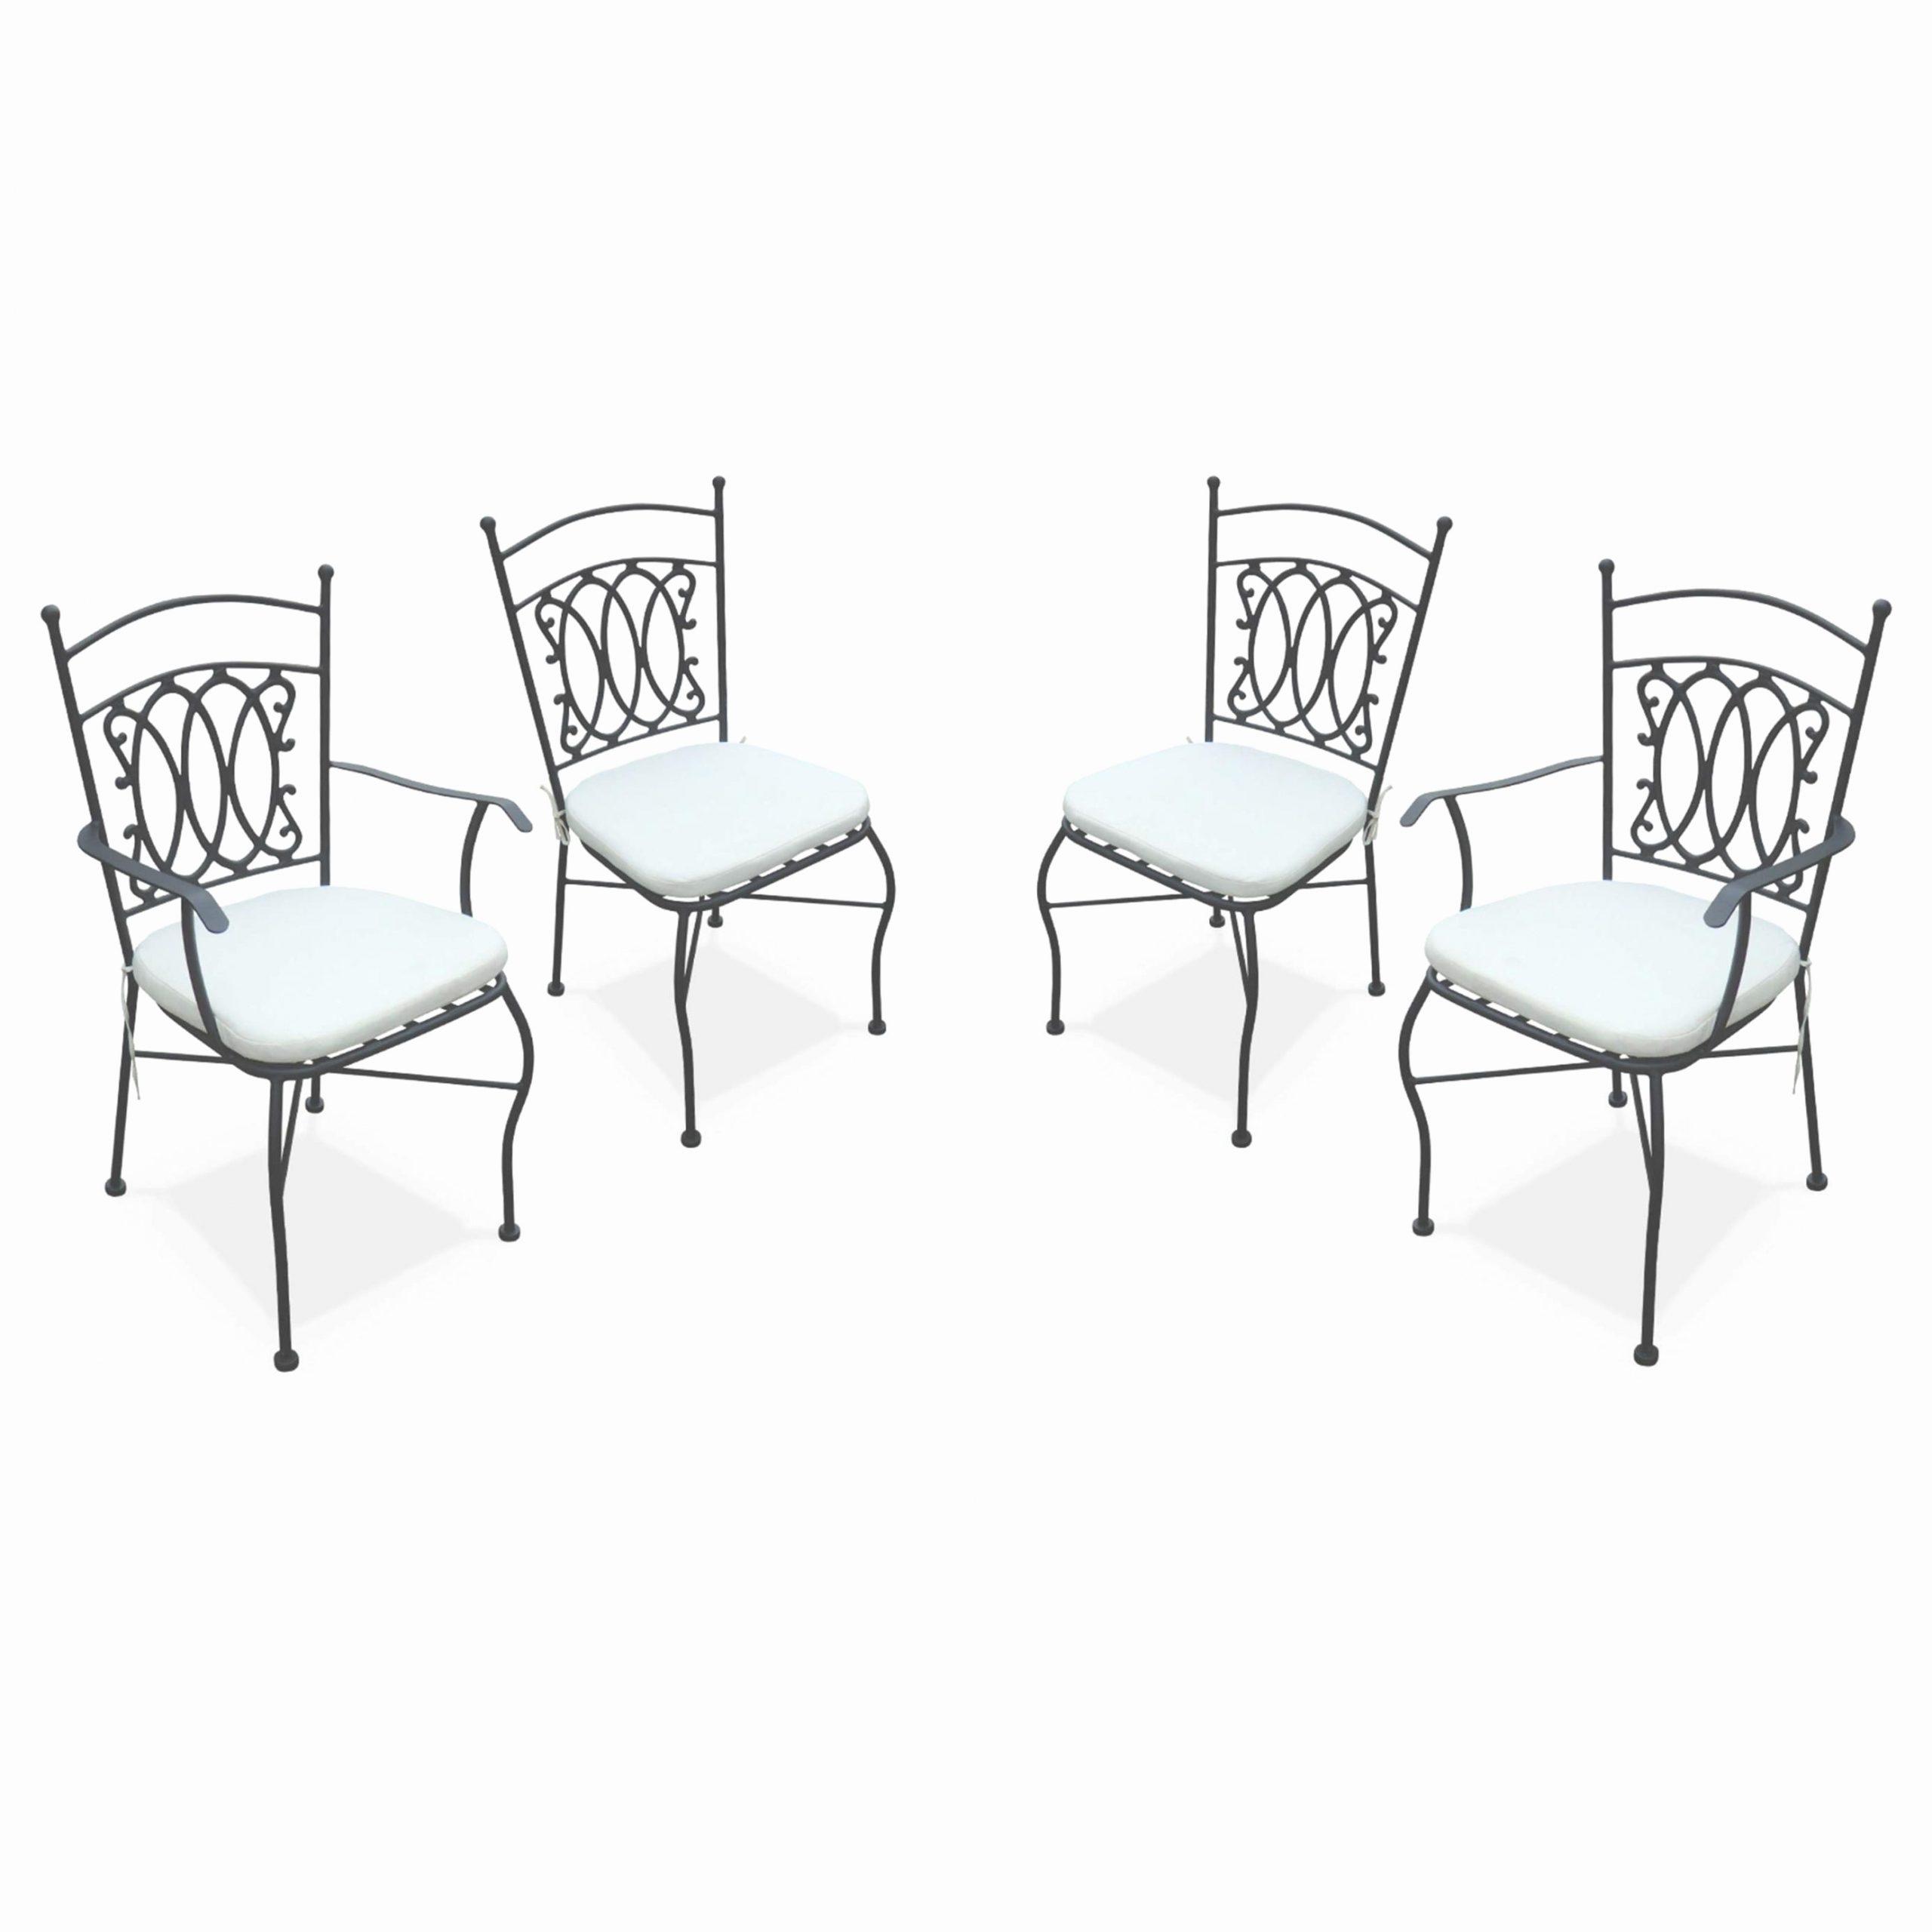 Chaise De Jardin Aluminium Archives - Luckytroll encequiconcerne Salon De Jardin Fer Forgé Occasion